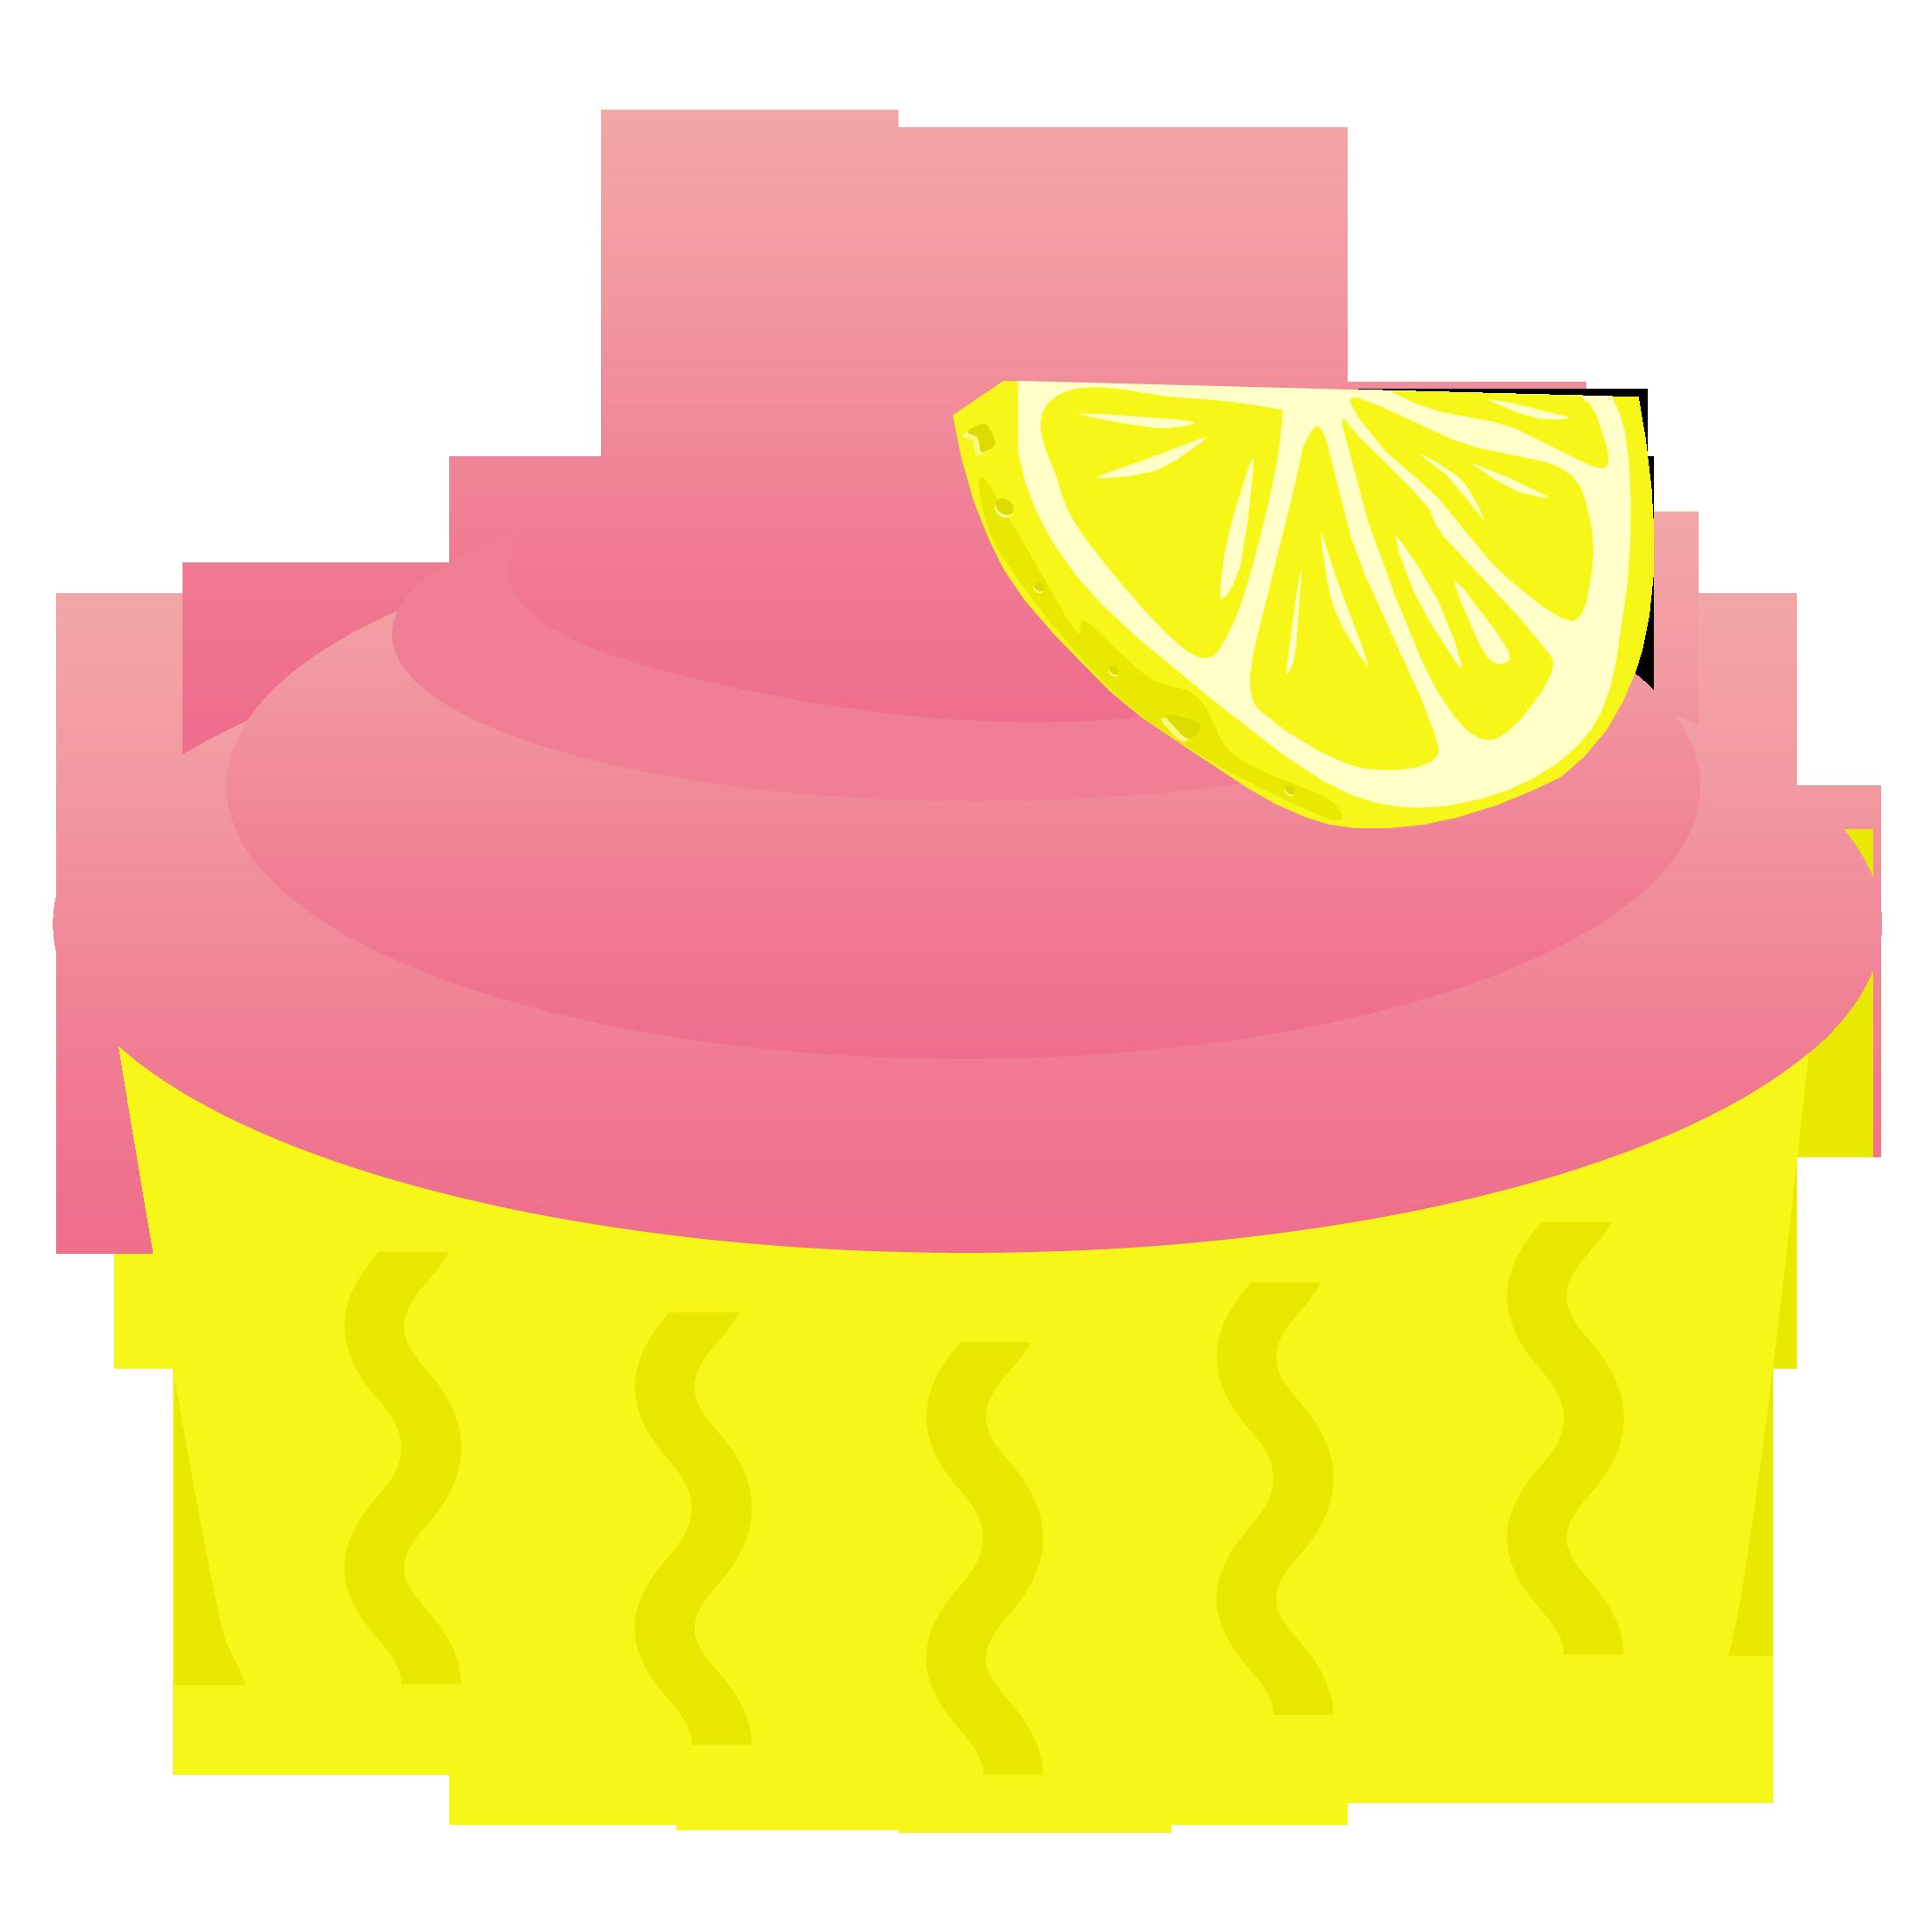 cup lemonade clipart - photo #16